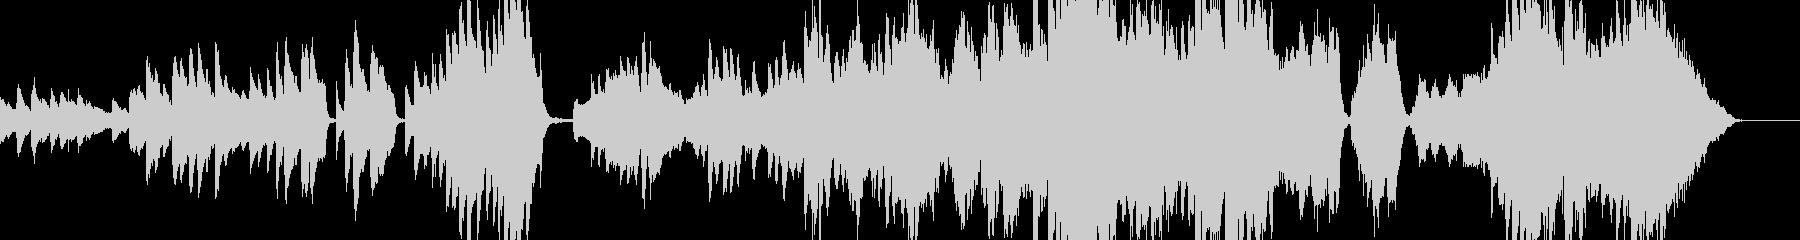 ピアノとストリングス他のしっとりBGMの未再生の波形